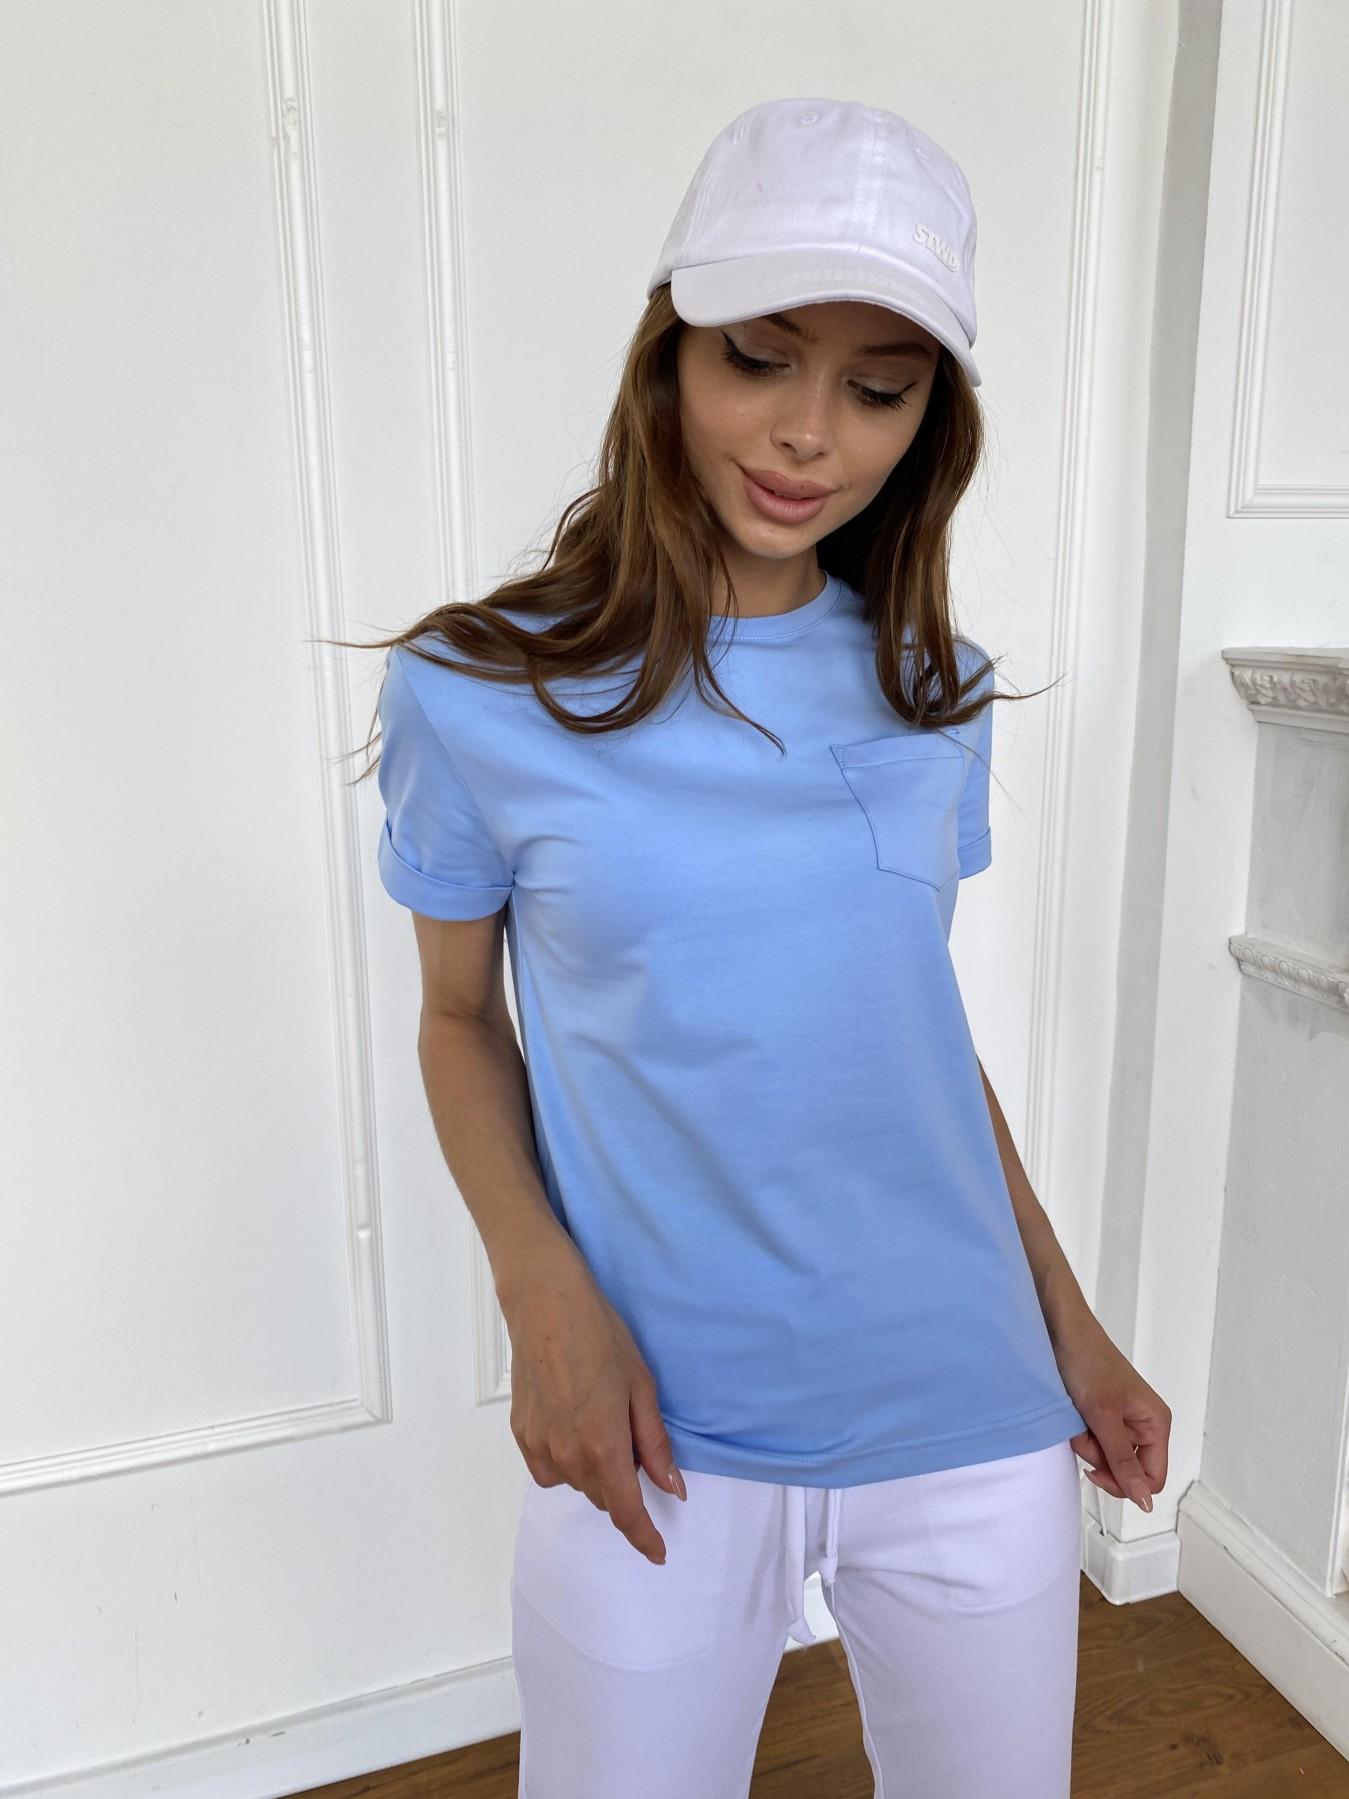 Вуди футболка из вискозы 11224 АРТ. 47878 Цвет: Голубой - фото 7, интернет магазин tm-modus.ru